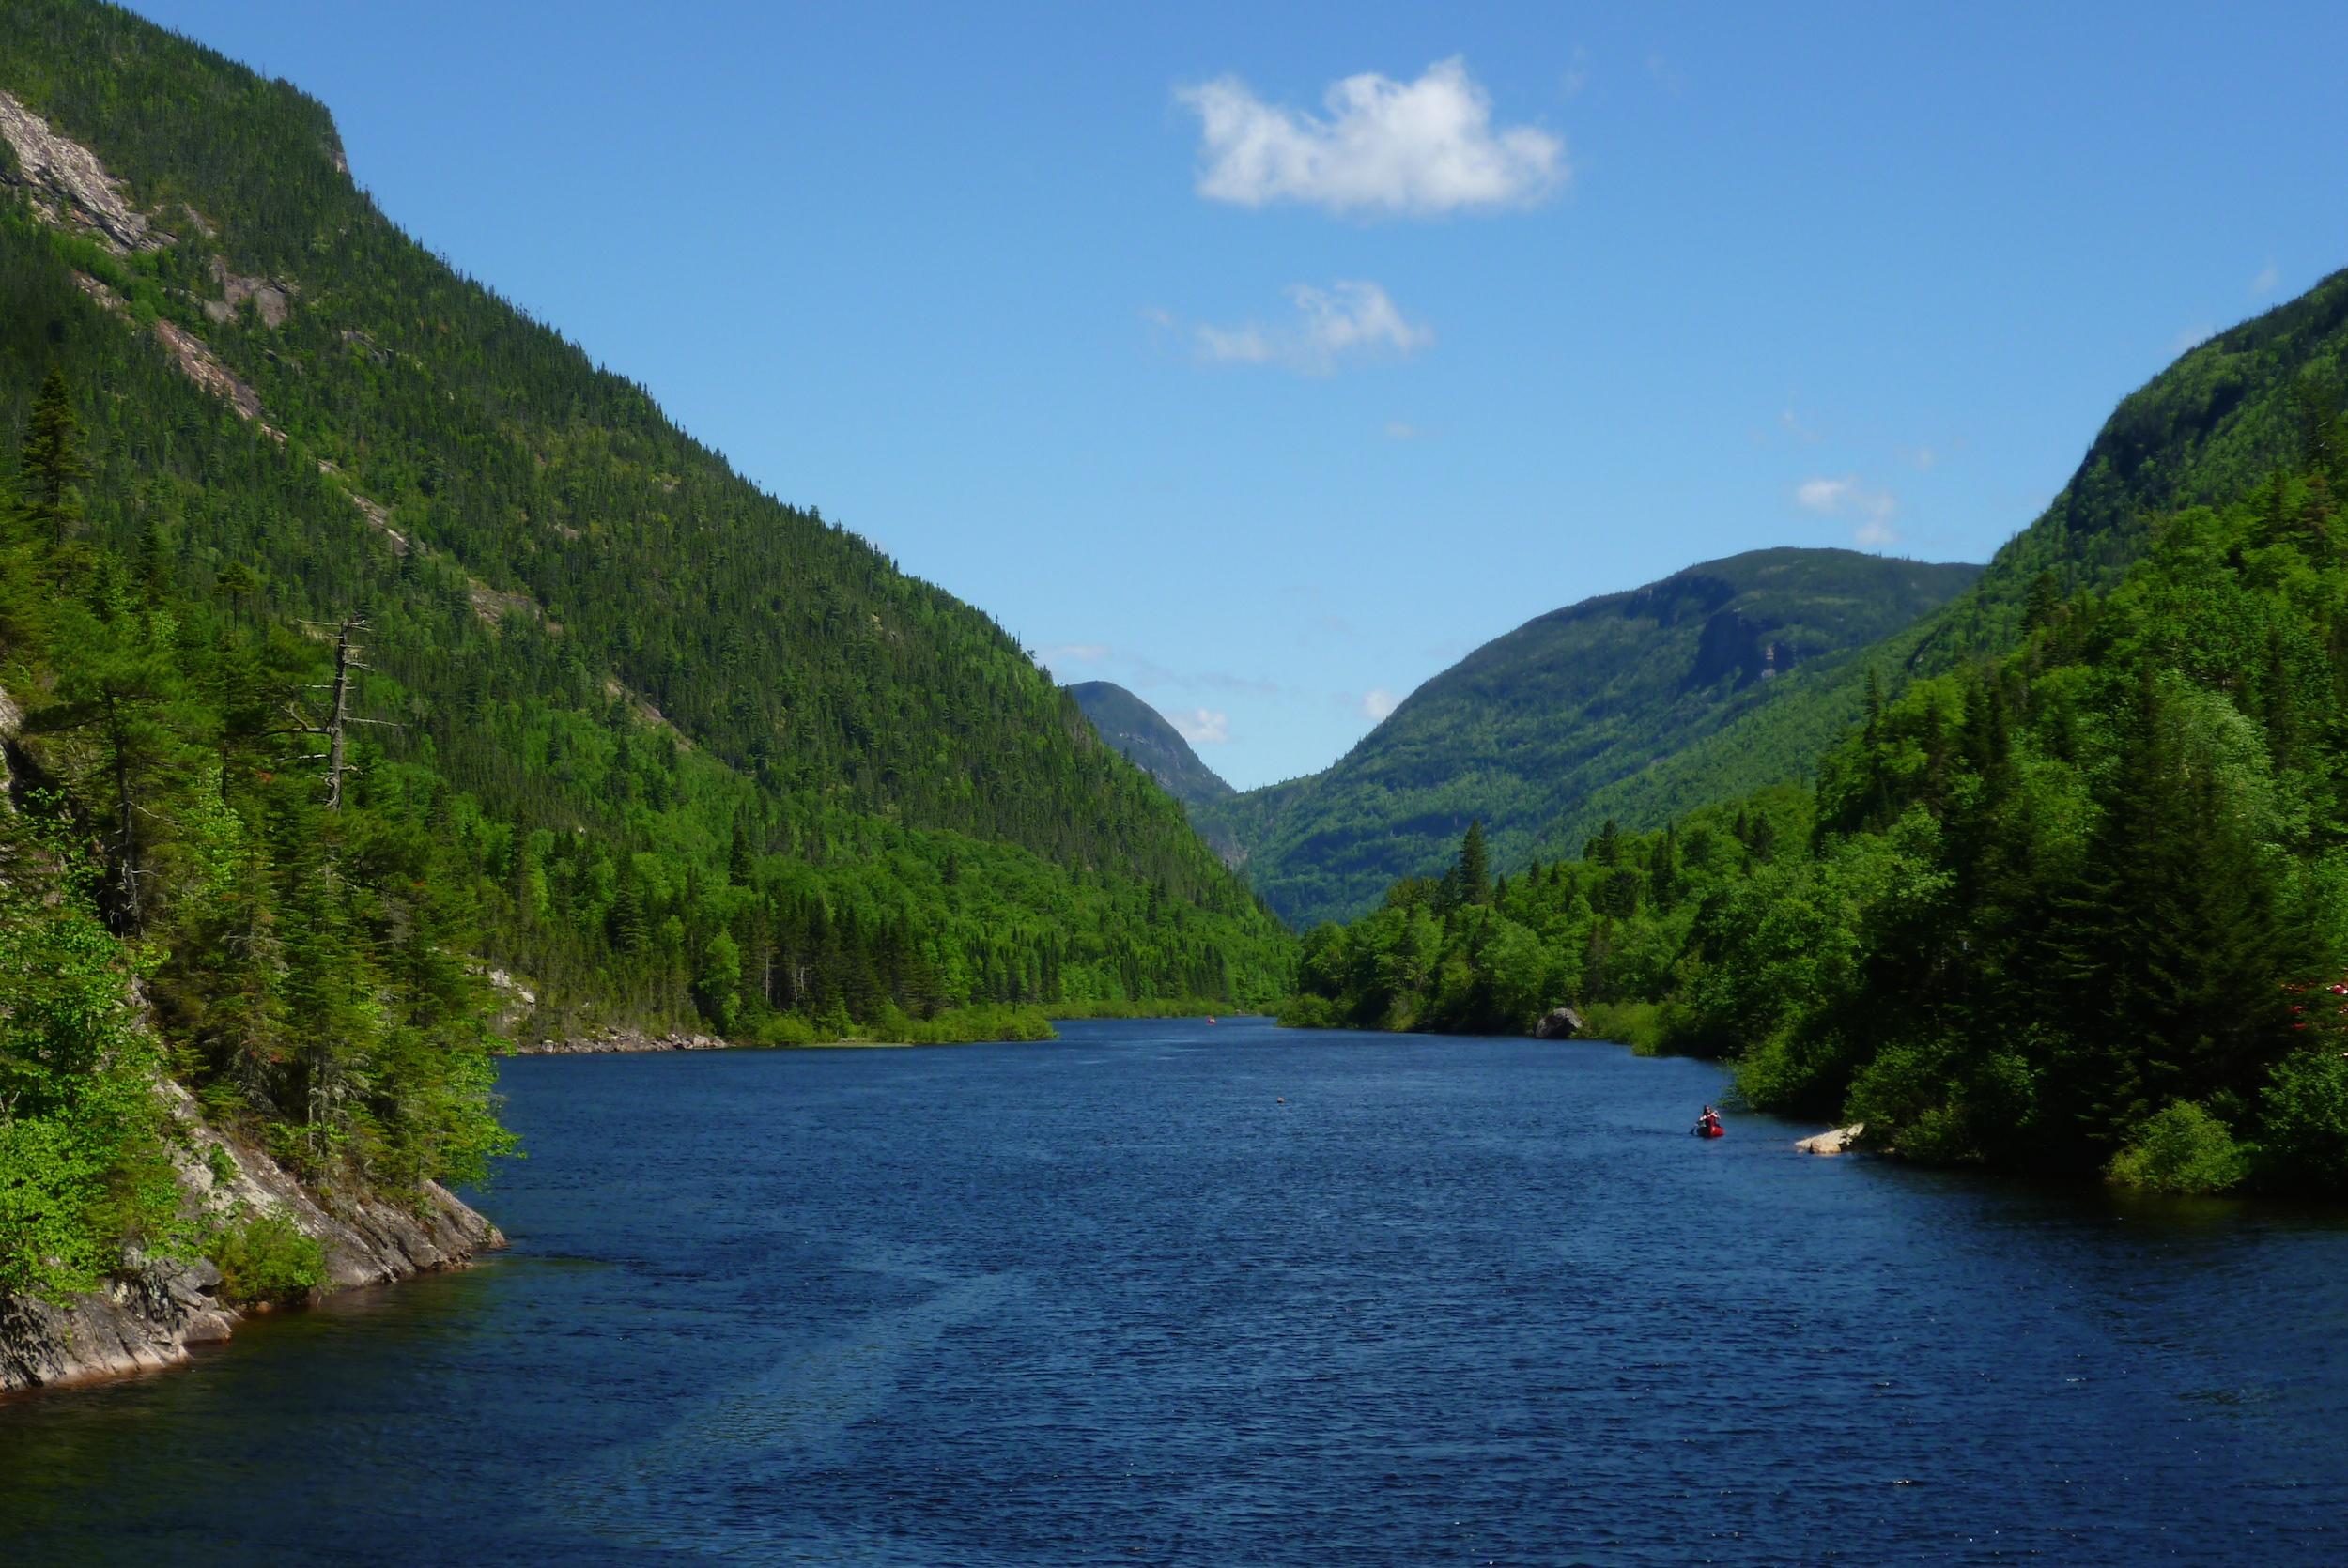 Acheter un van au Canada - Riviere Malbaie - Parc des Hautes Gorges